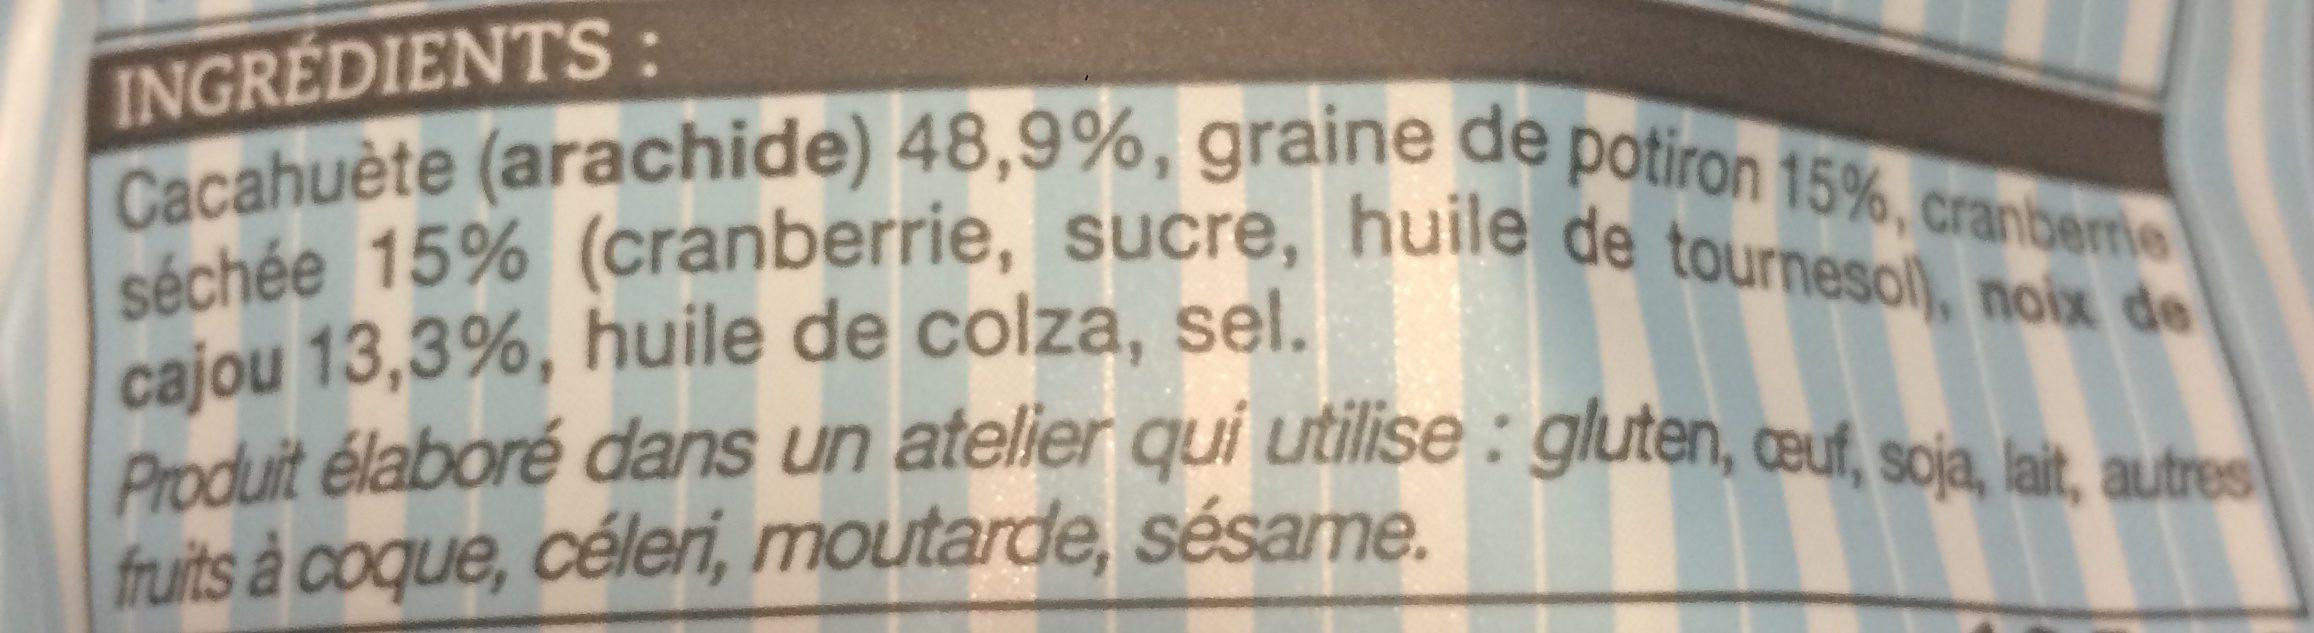 Mix Aperitif - Ingrediënten - fr